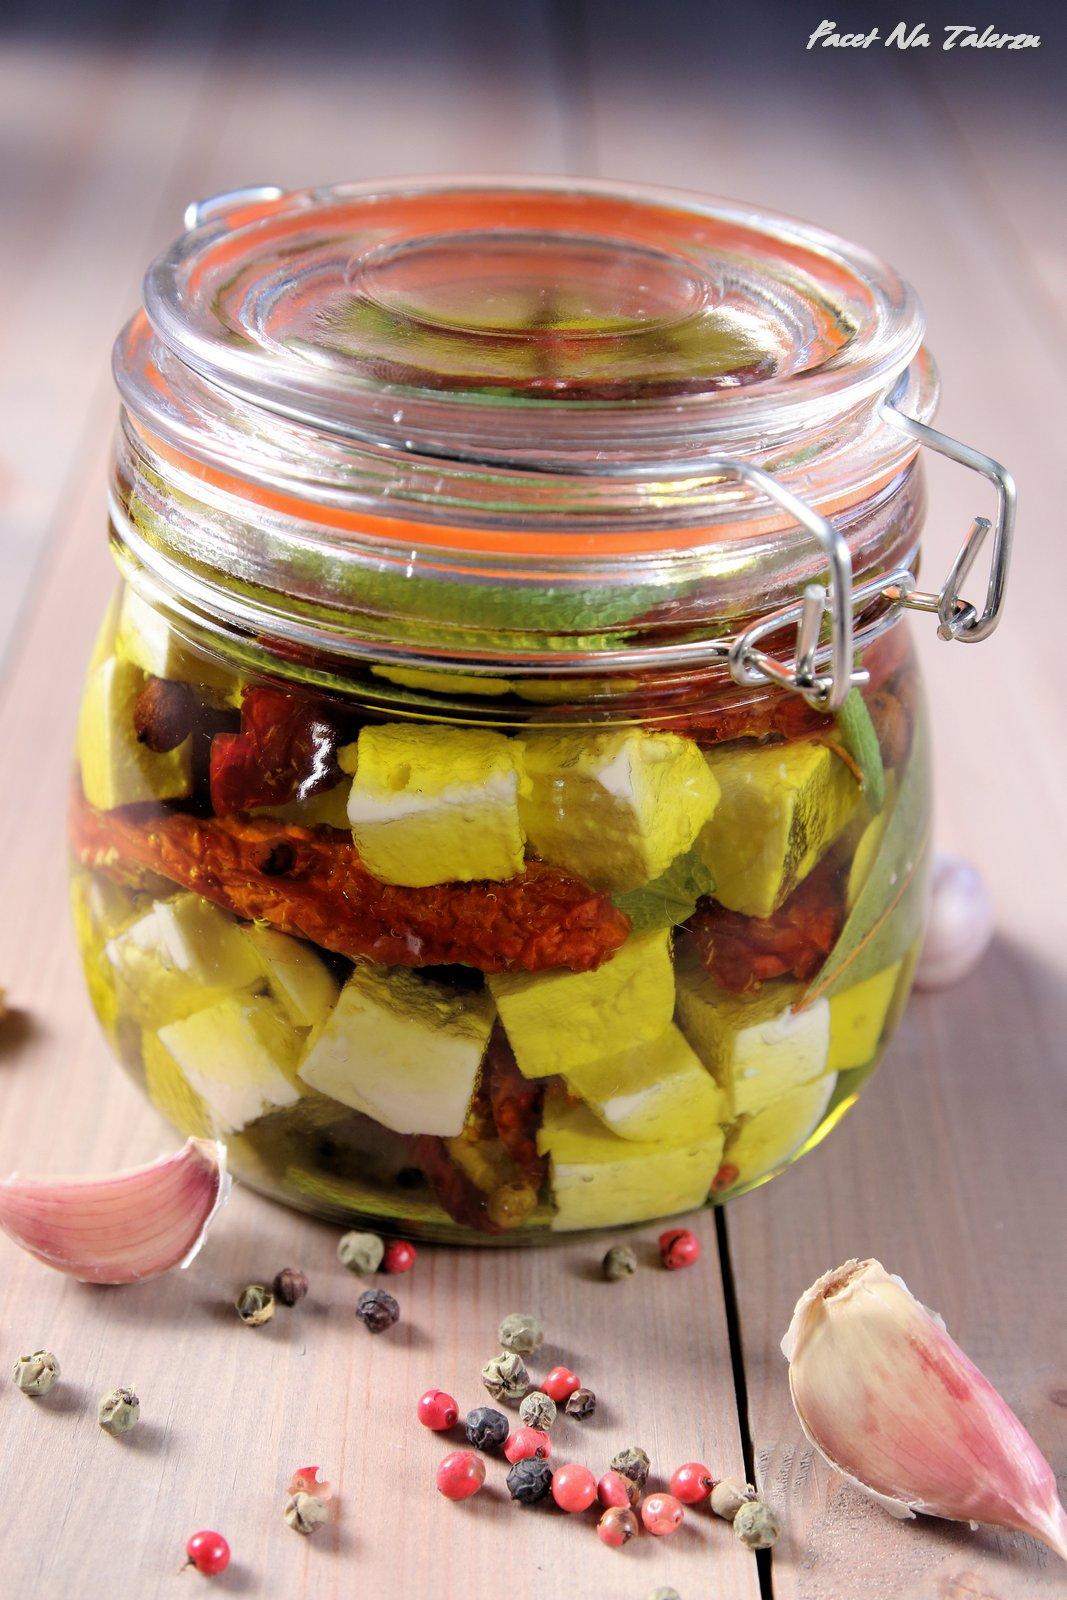 Bundz marynowany w oliwie